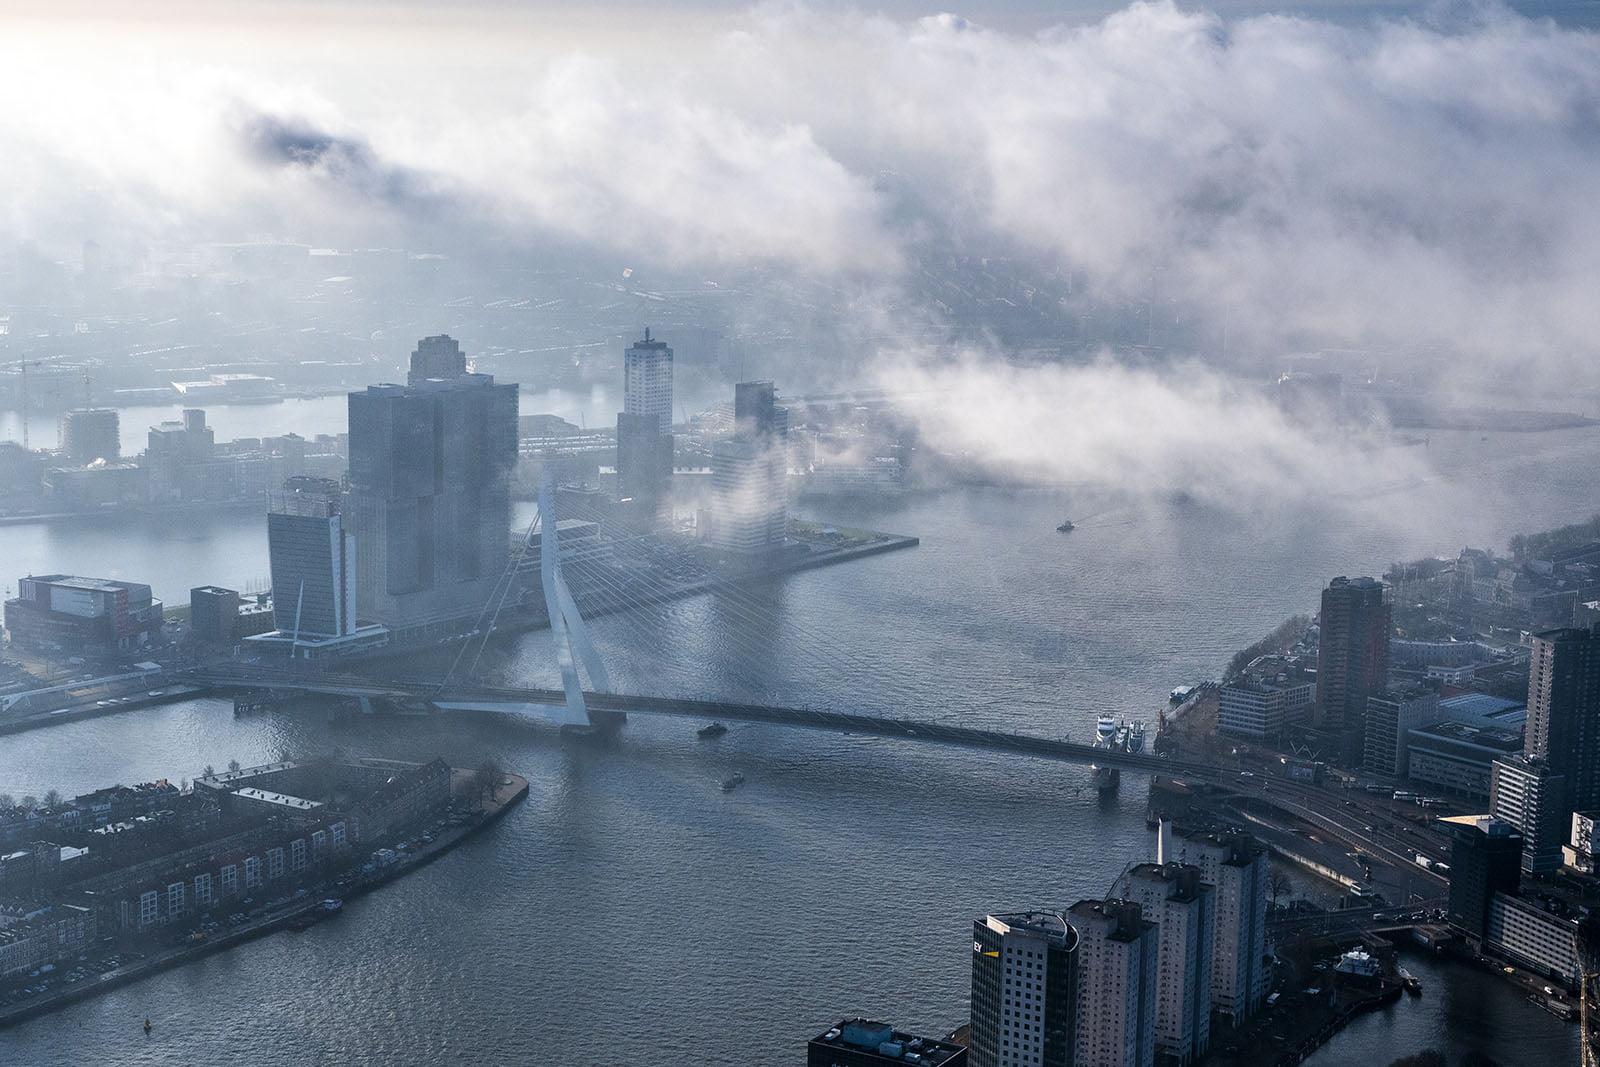 Luchtfoto Rotterdam in de mist